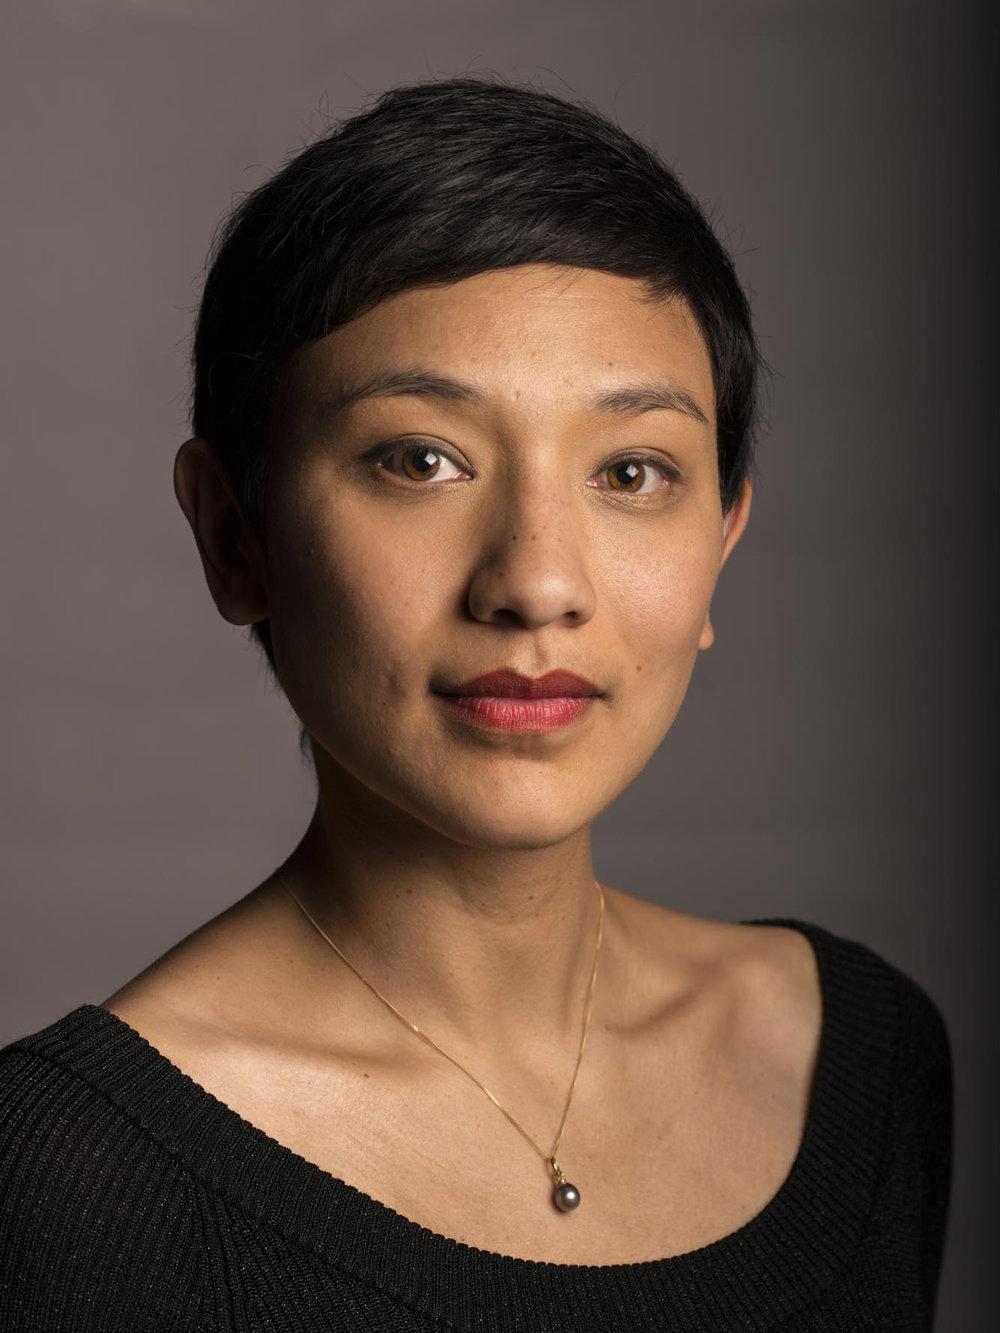 Jennifer Pellagaud - SopranJ'aspire à ces quelques instants de grâce où mon corps devient un medium entre l'œuvre et le public. C'est au chant que je les dois.